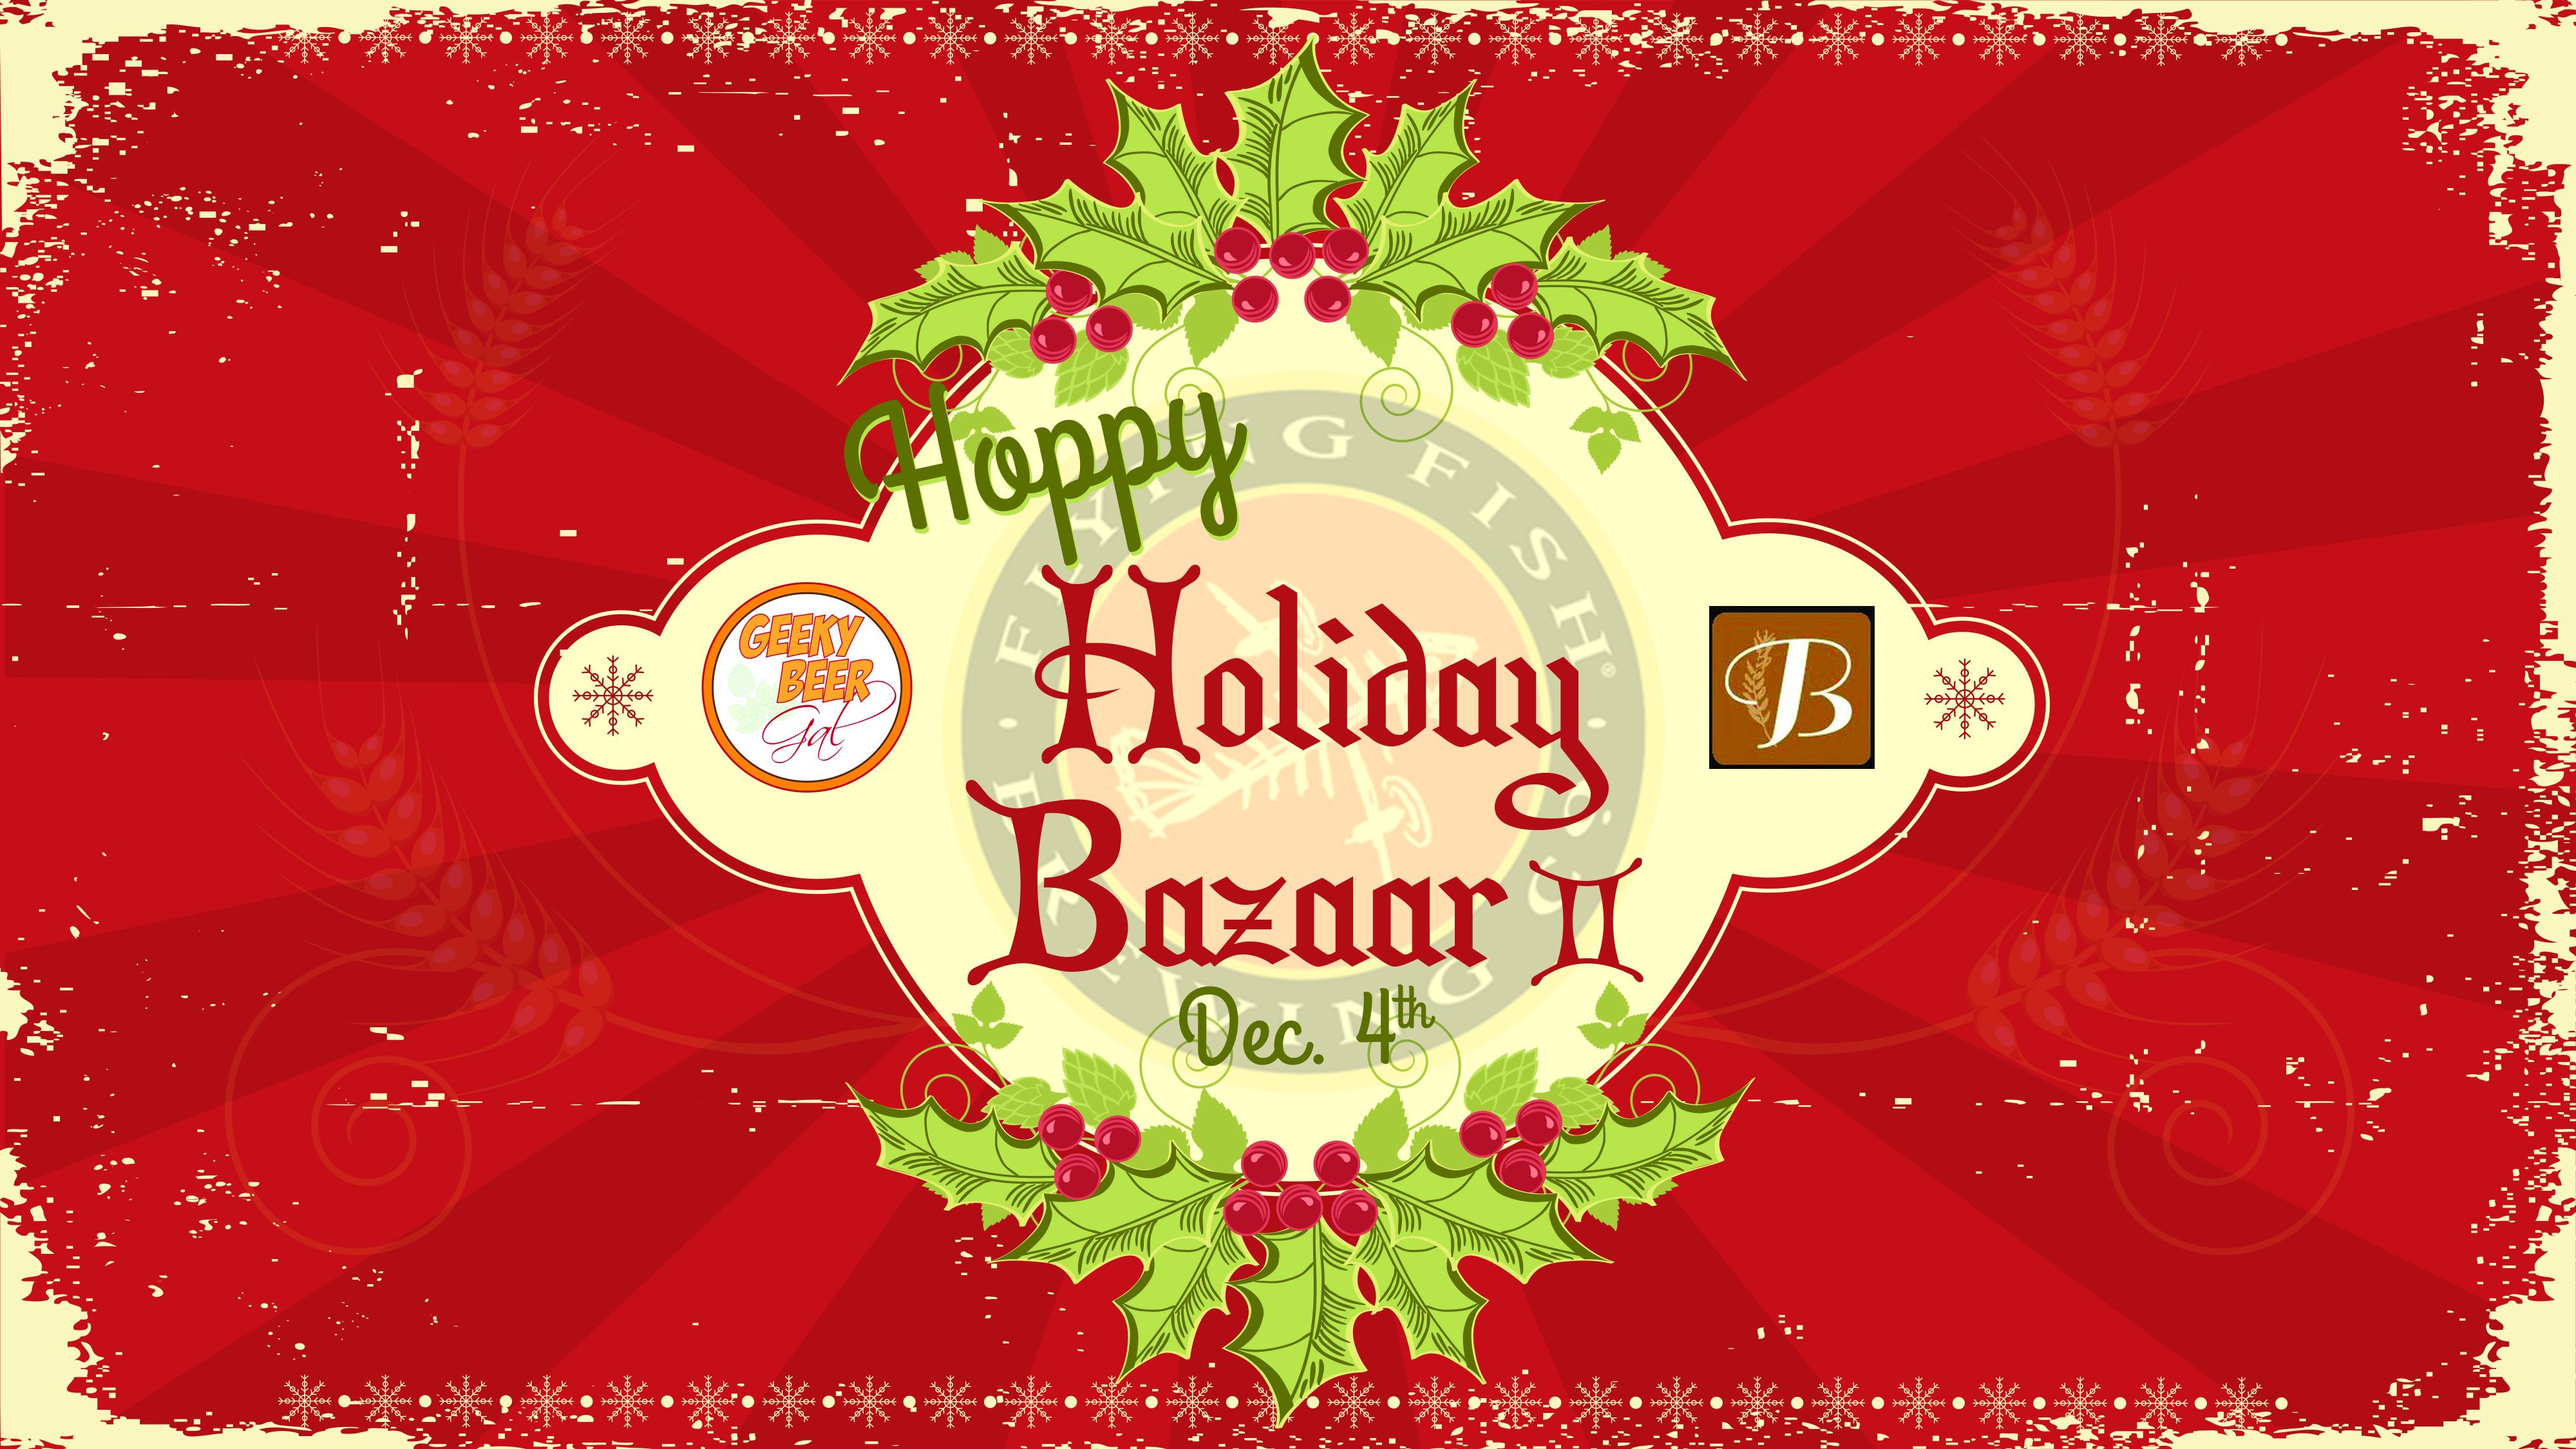 holidaybazaar2